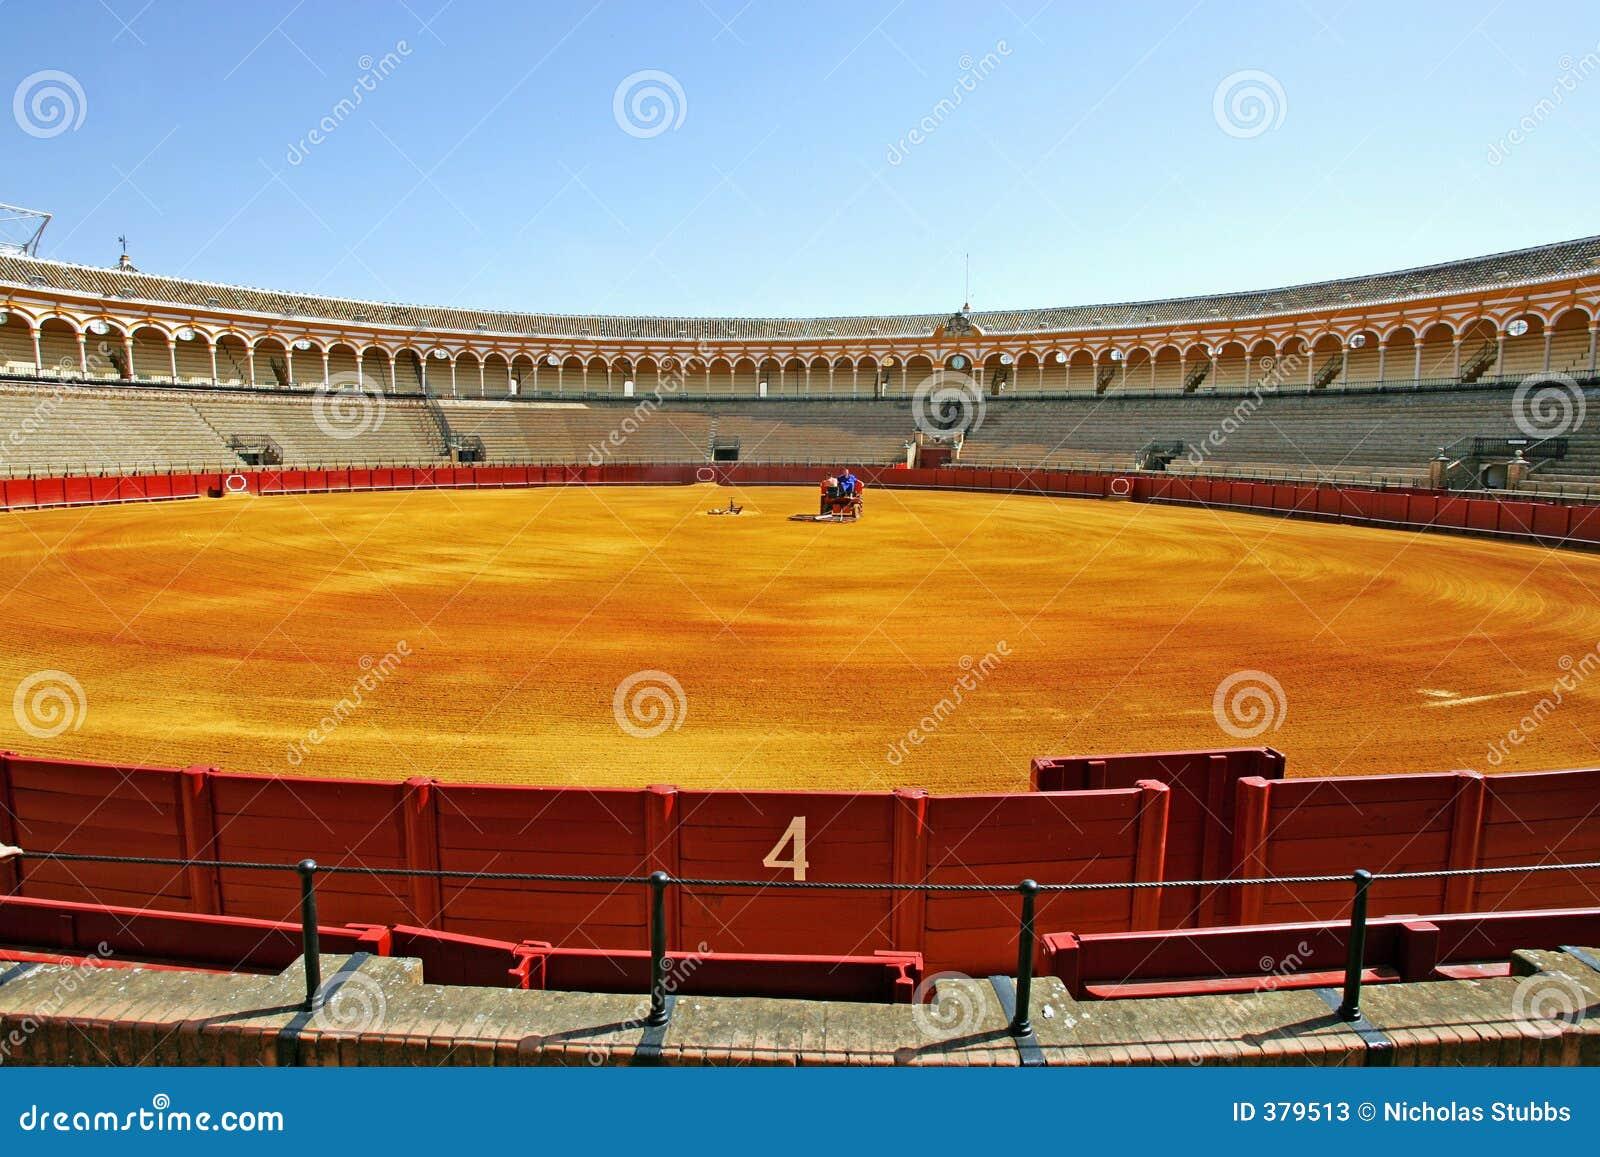 Porta do número 4 na grande praça de touros em Sevilha Spain